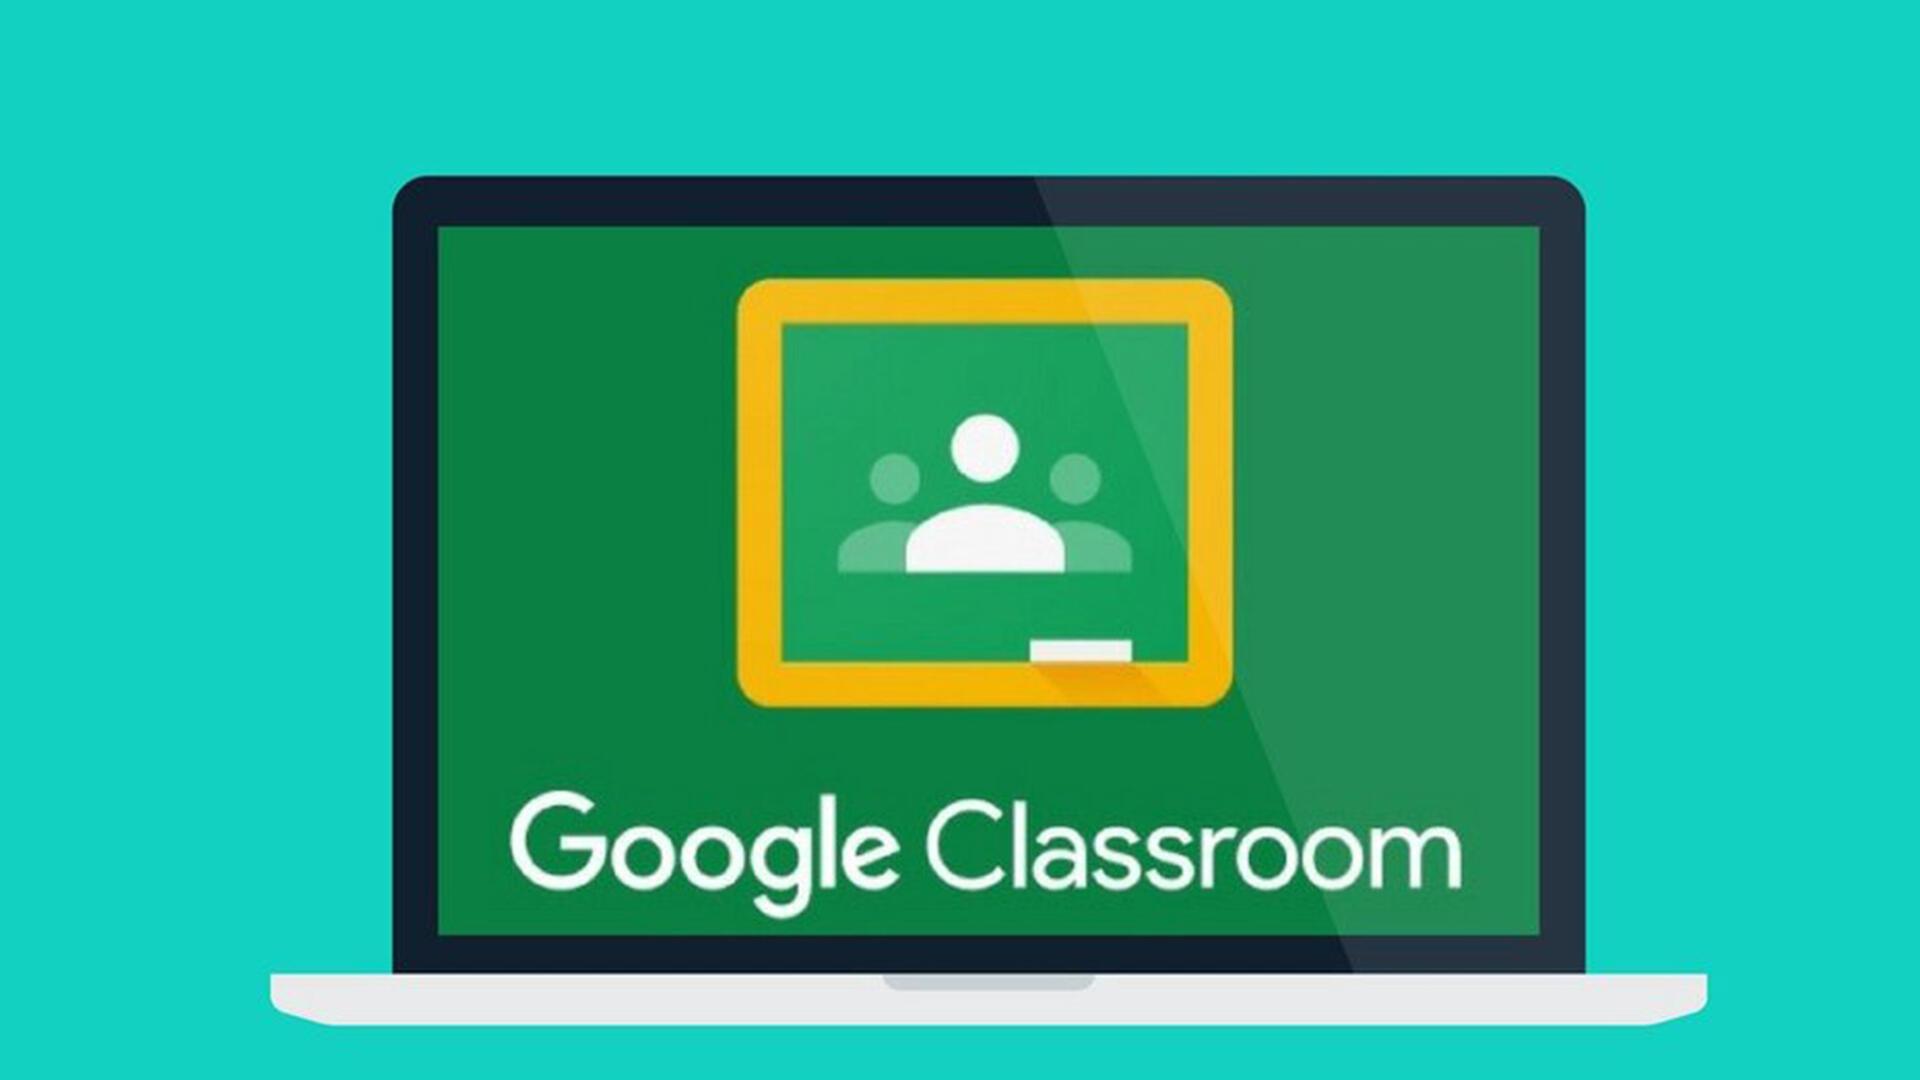 Google Classroom indir - Android ve IOS için ücretsiz son sürüm eğitim uygulaması